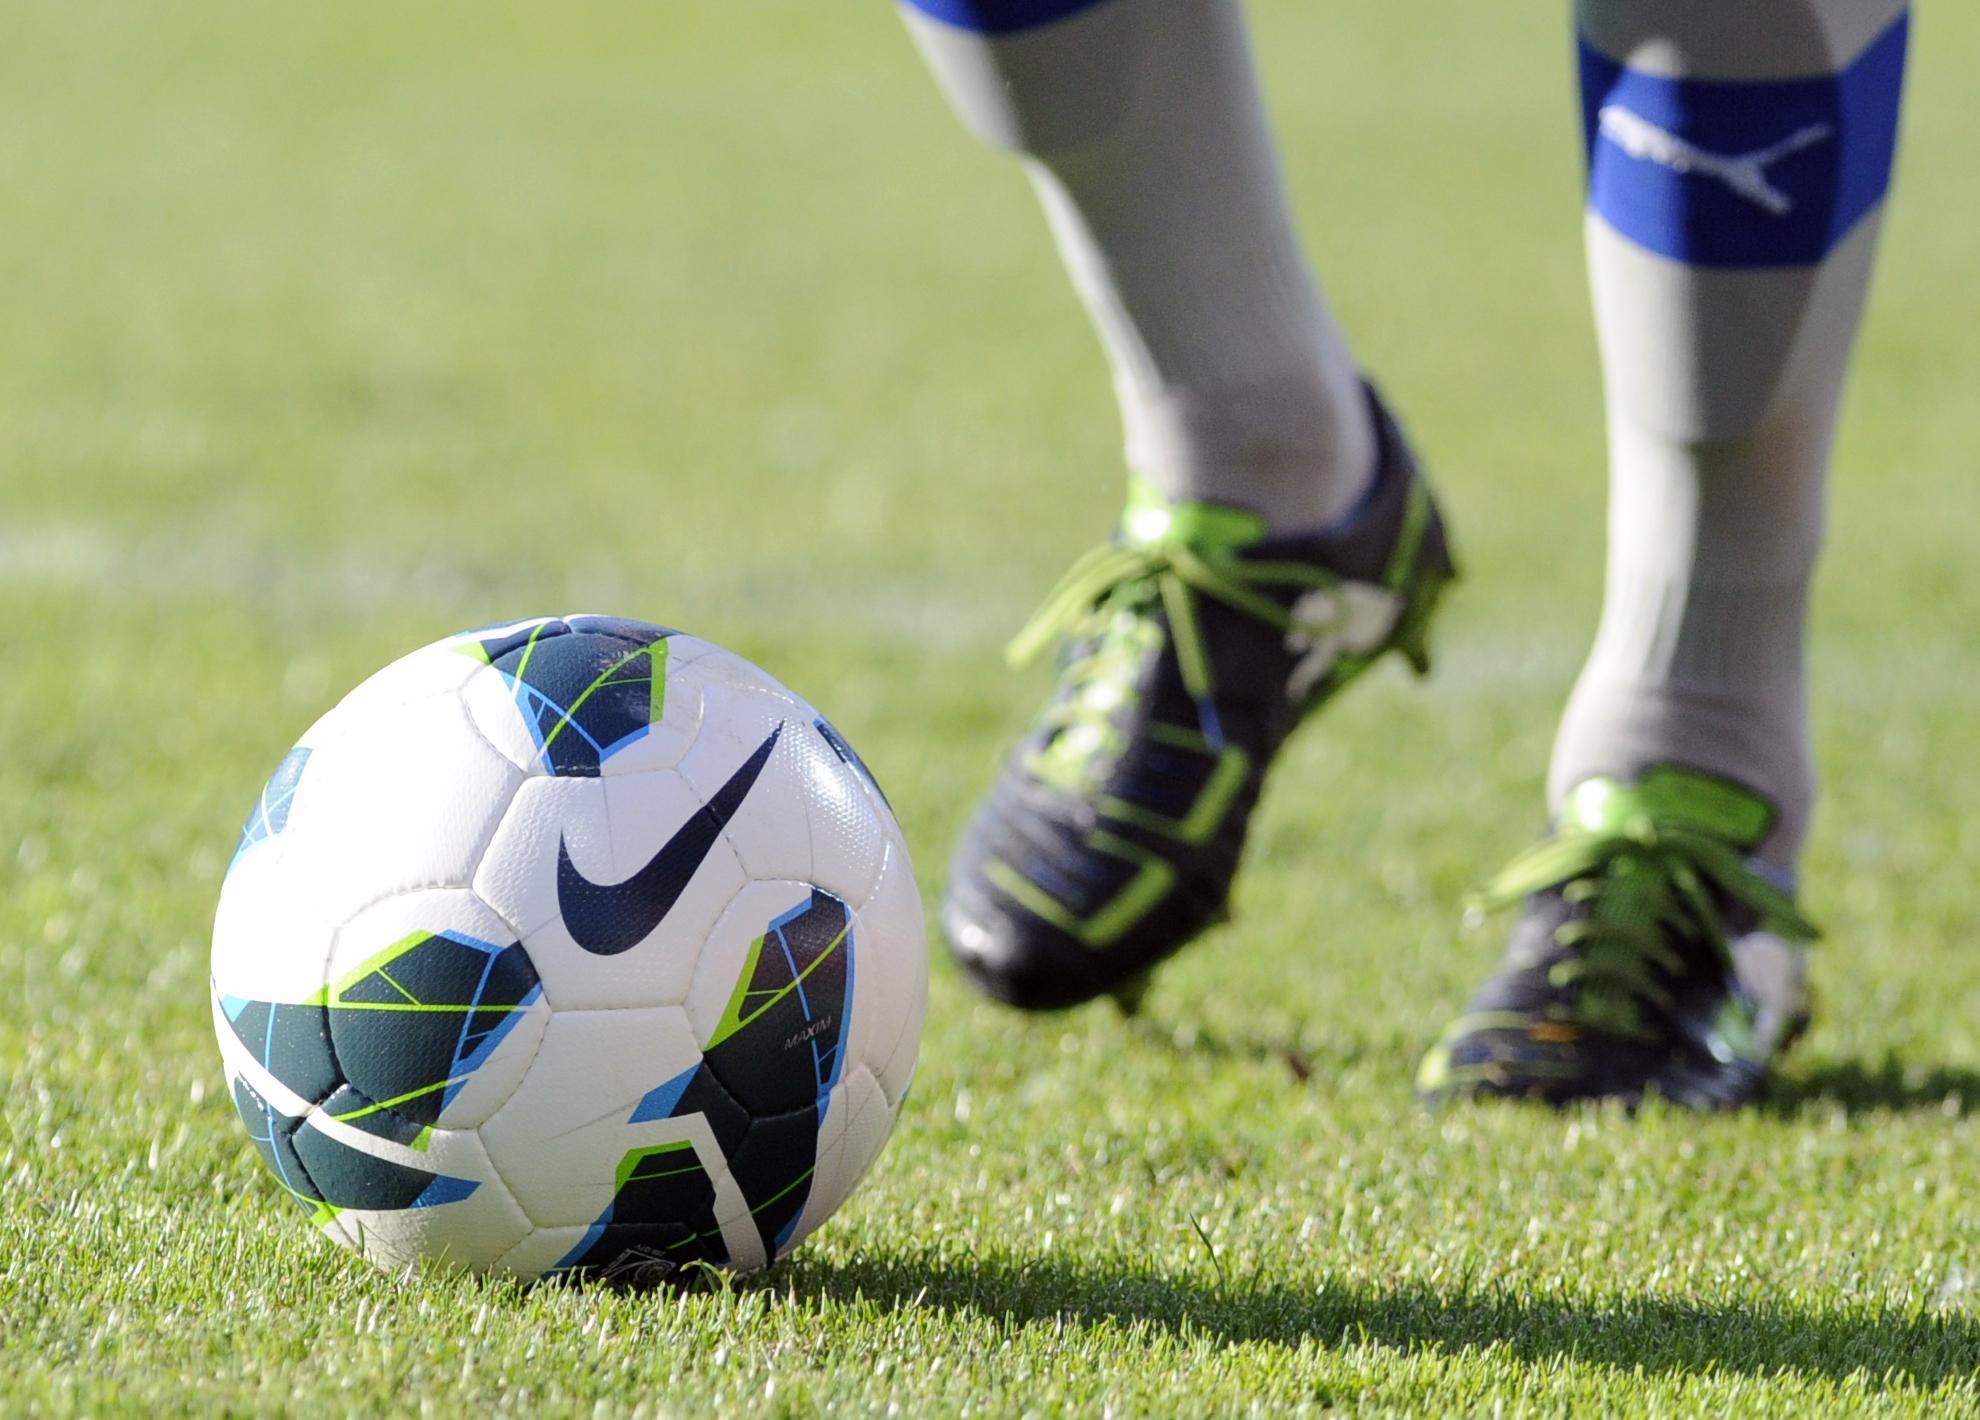 Neue Corona-Regeln: Was gilt im Amateursportbereich?